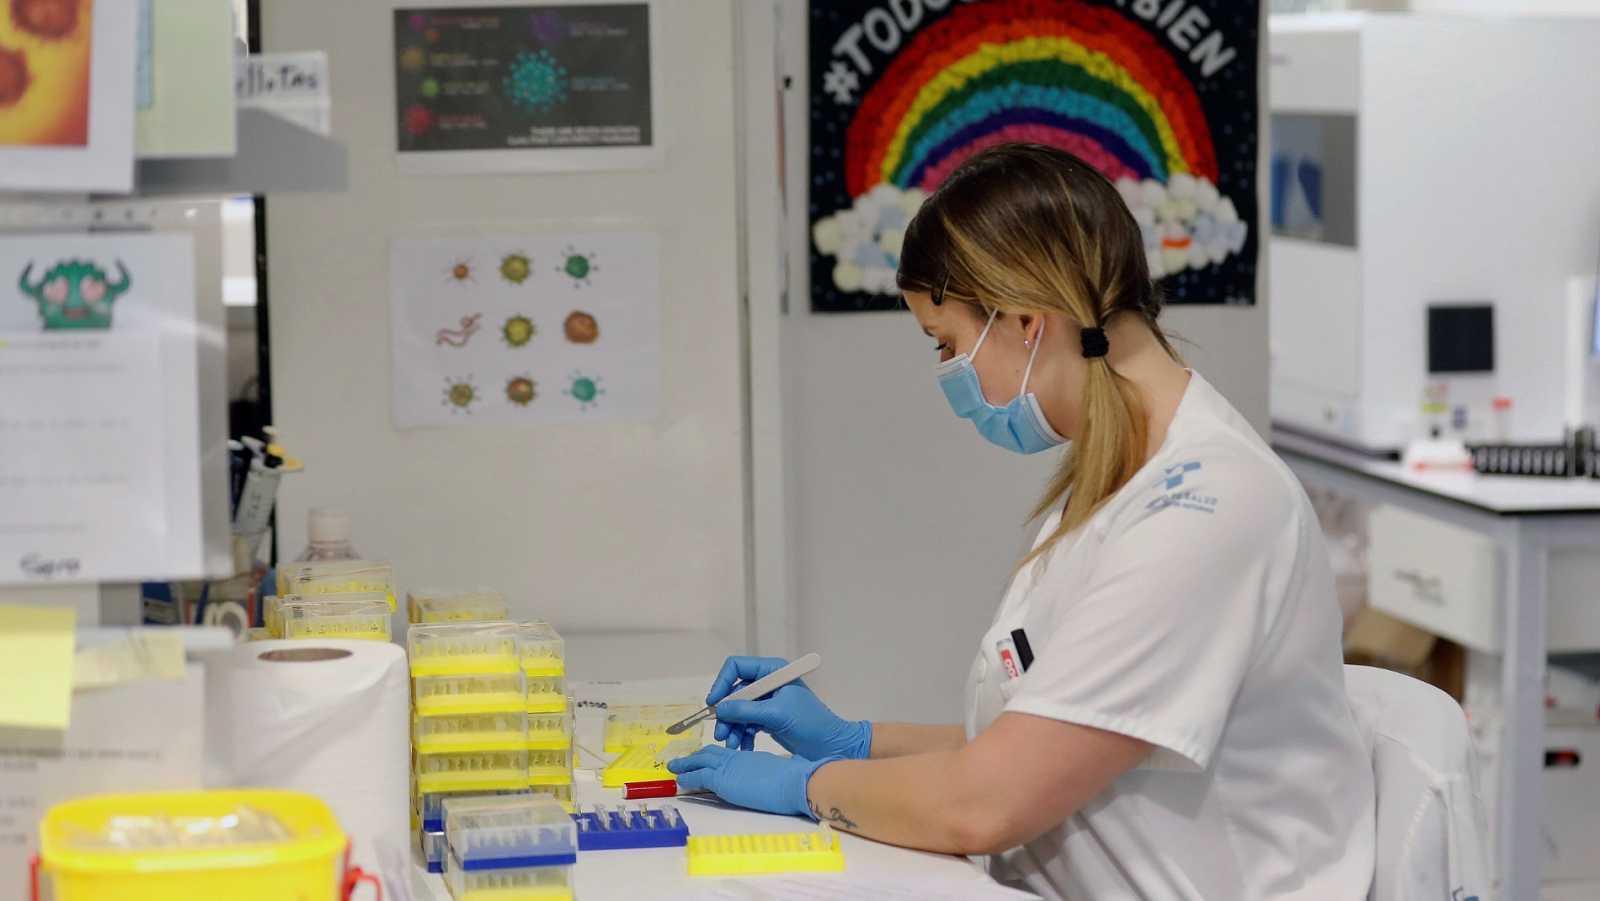 Técnicos sanitarios del Hospital Universitario Central de Asturias (HUCA), trabajan en el interior de la cabina de seguridad del laboratorio de virología de este centro de referencia del Principado.